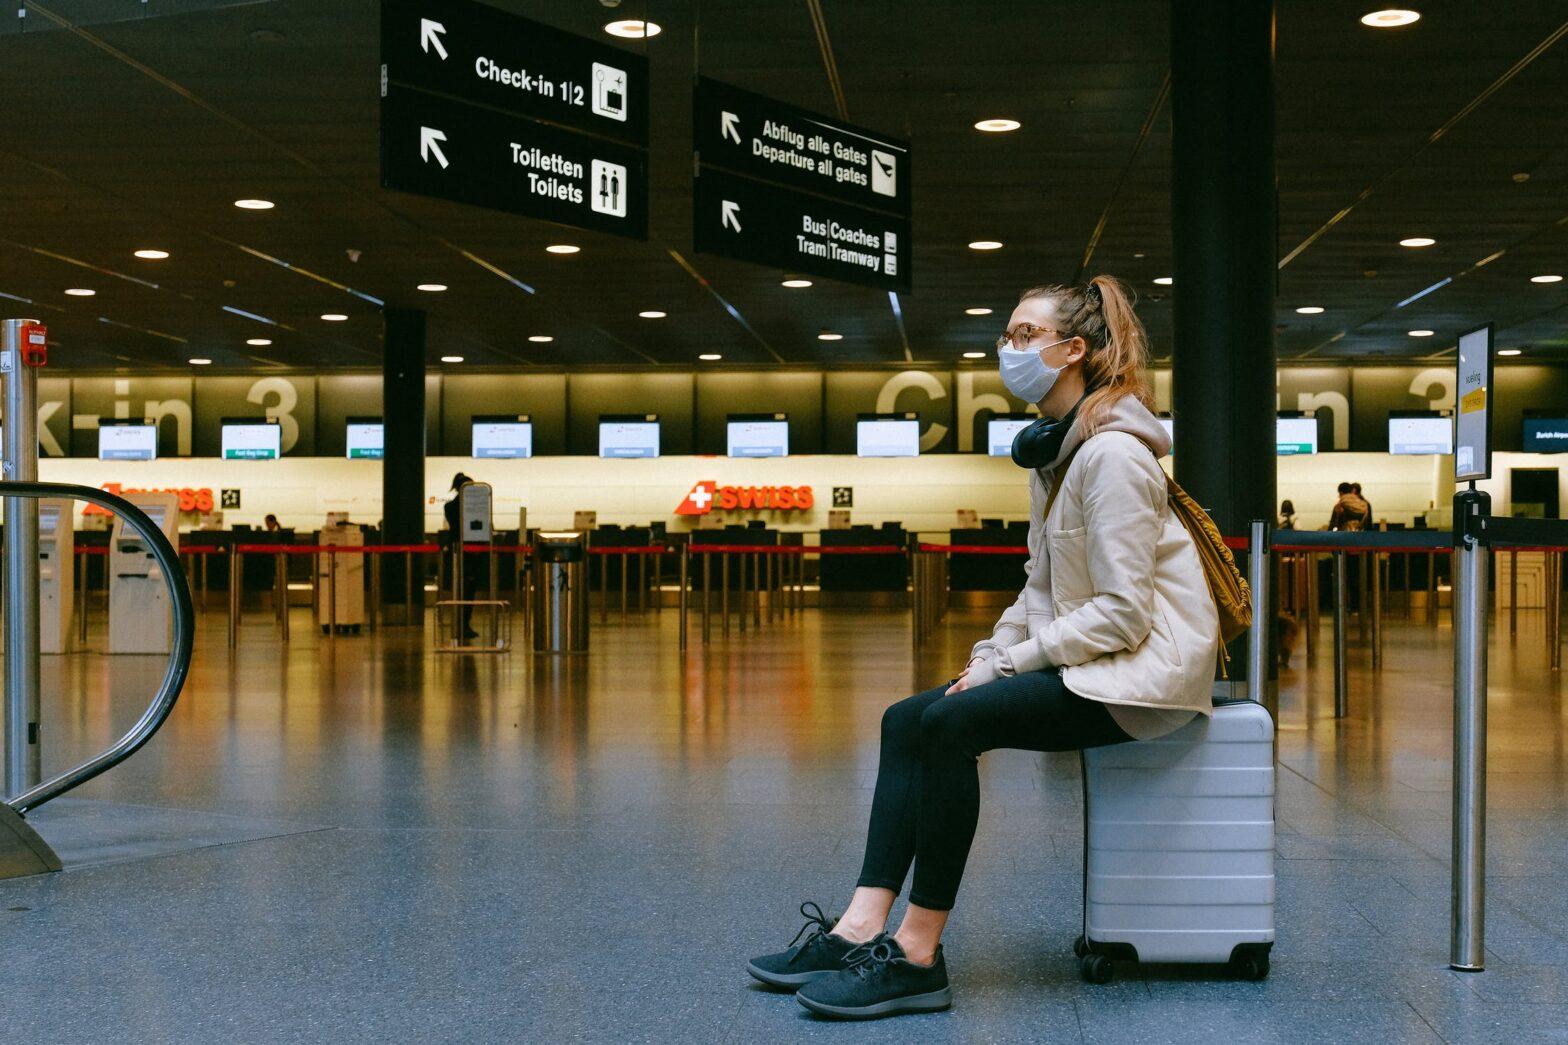 aeropuerto vacio con mascarilla¡